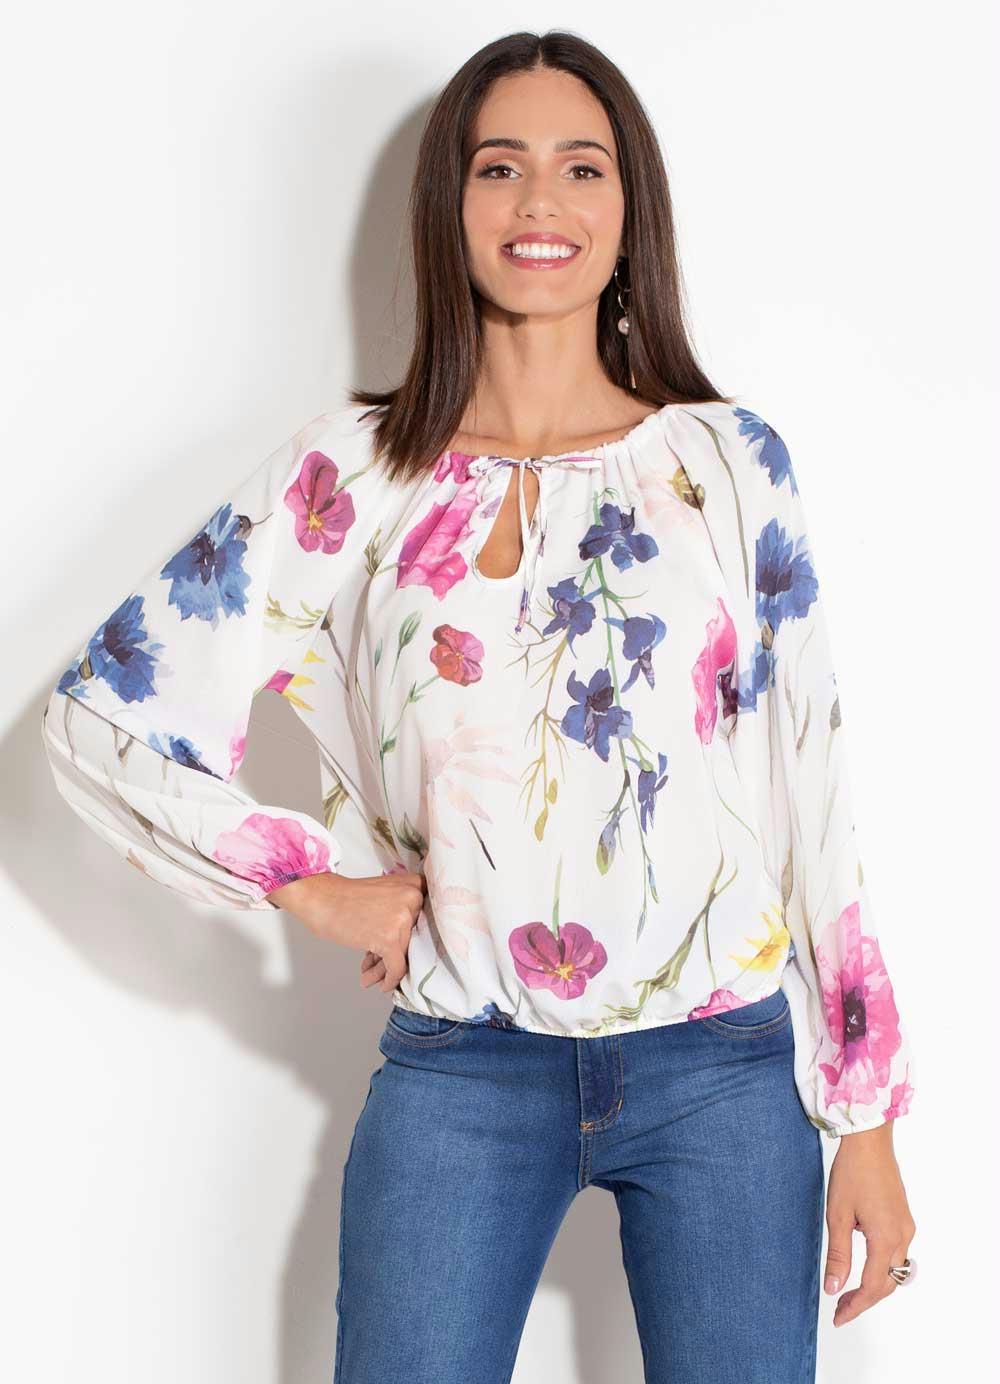 94765ef42 Blusa Floral Quintess com Elástico nas Mangas - Quintess